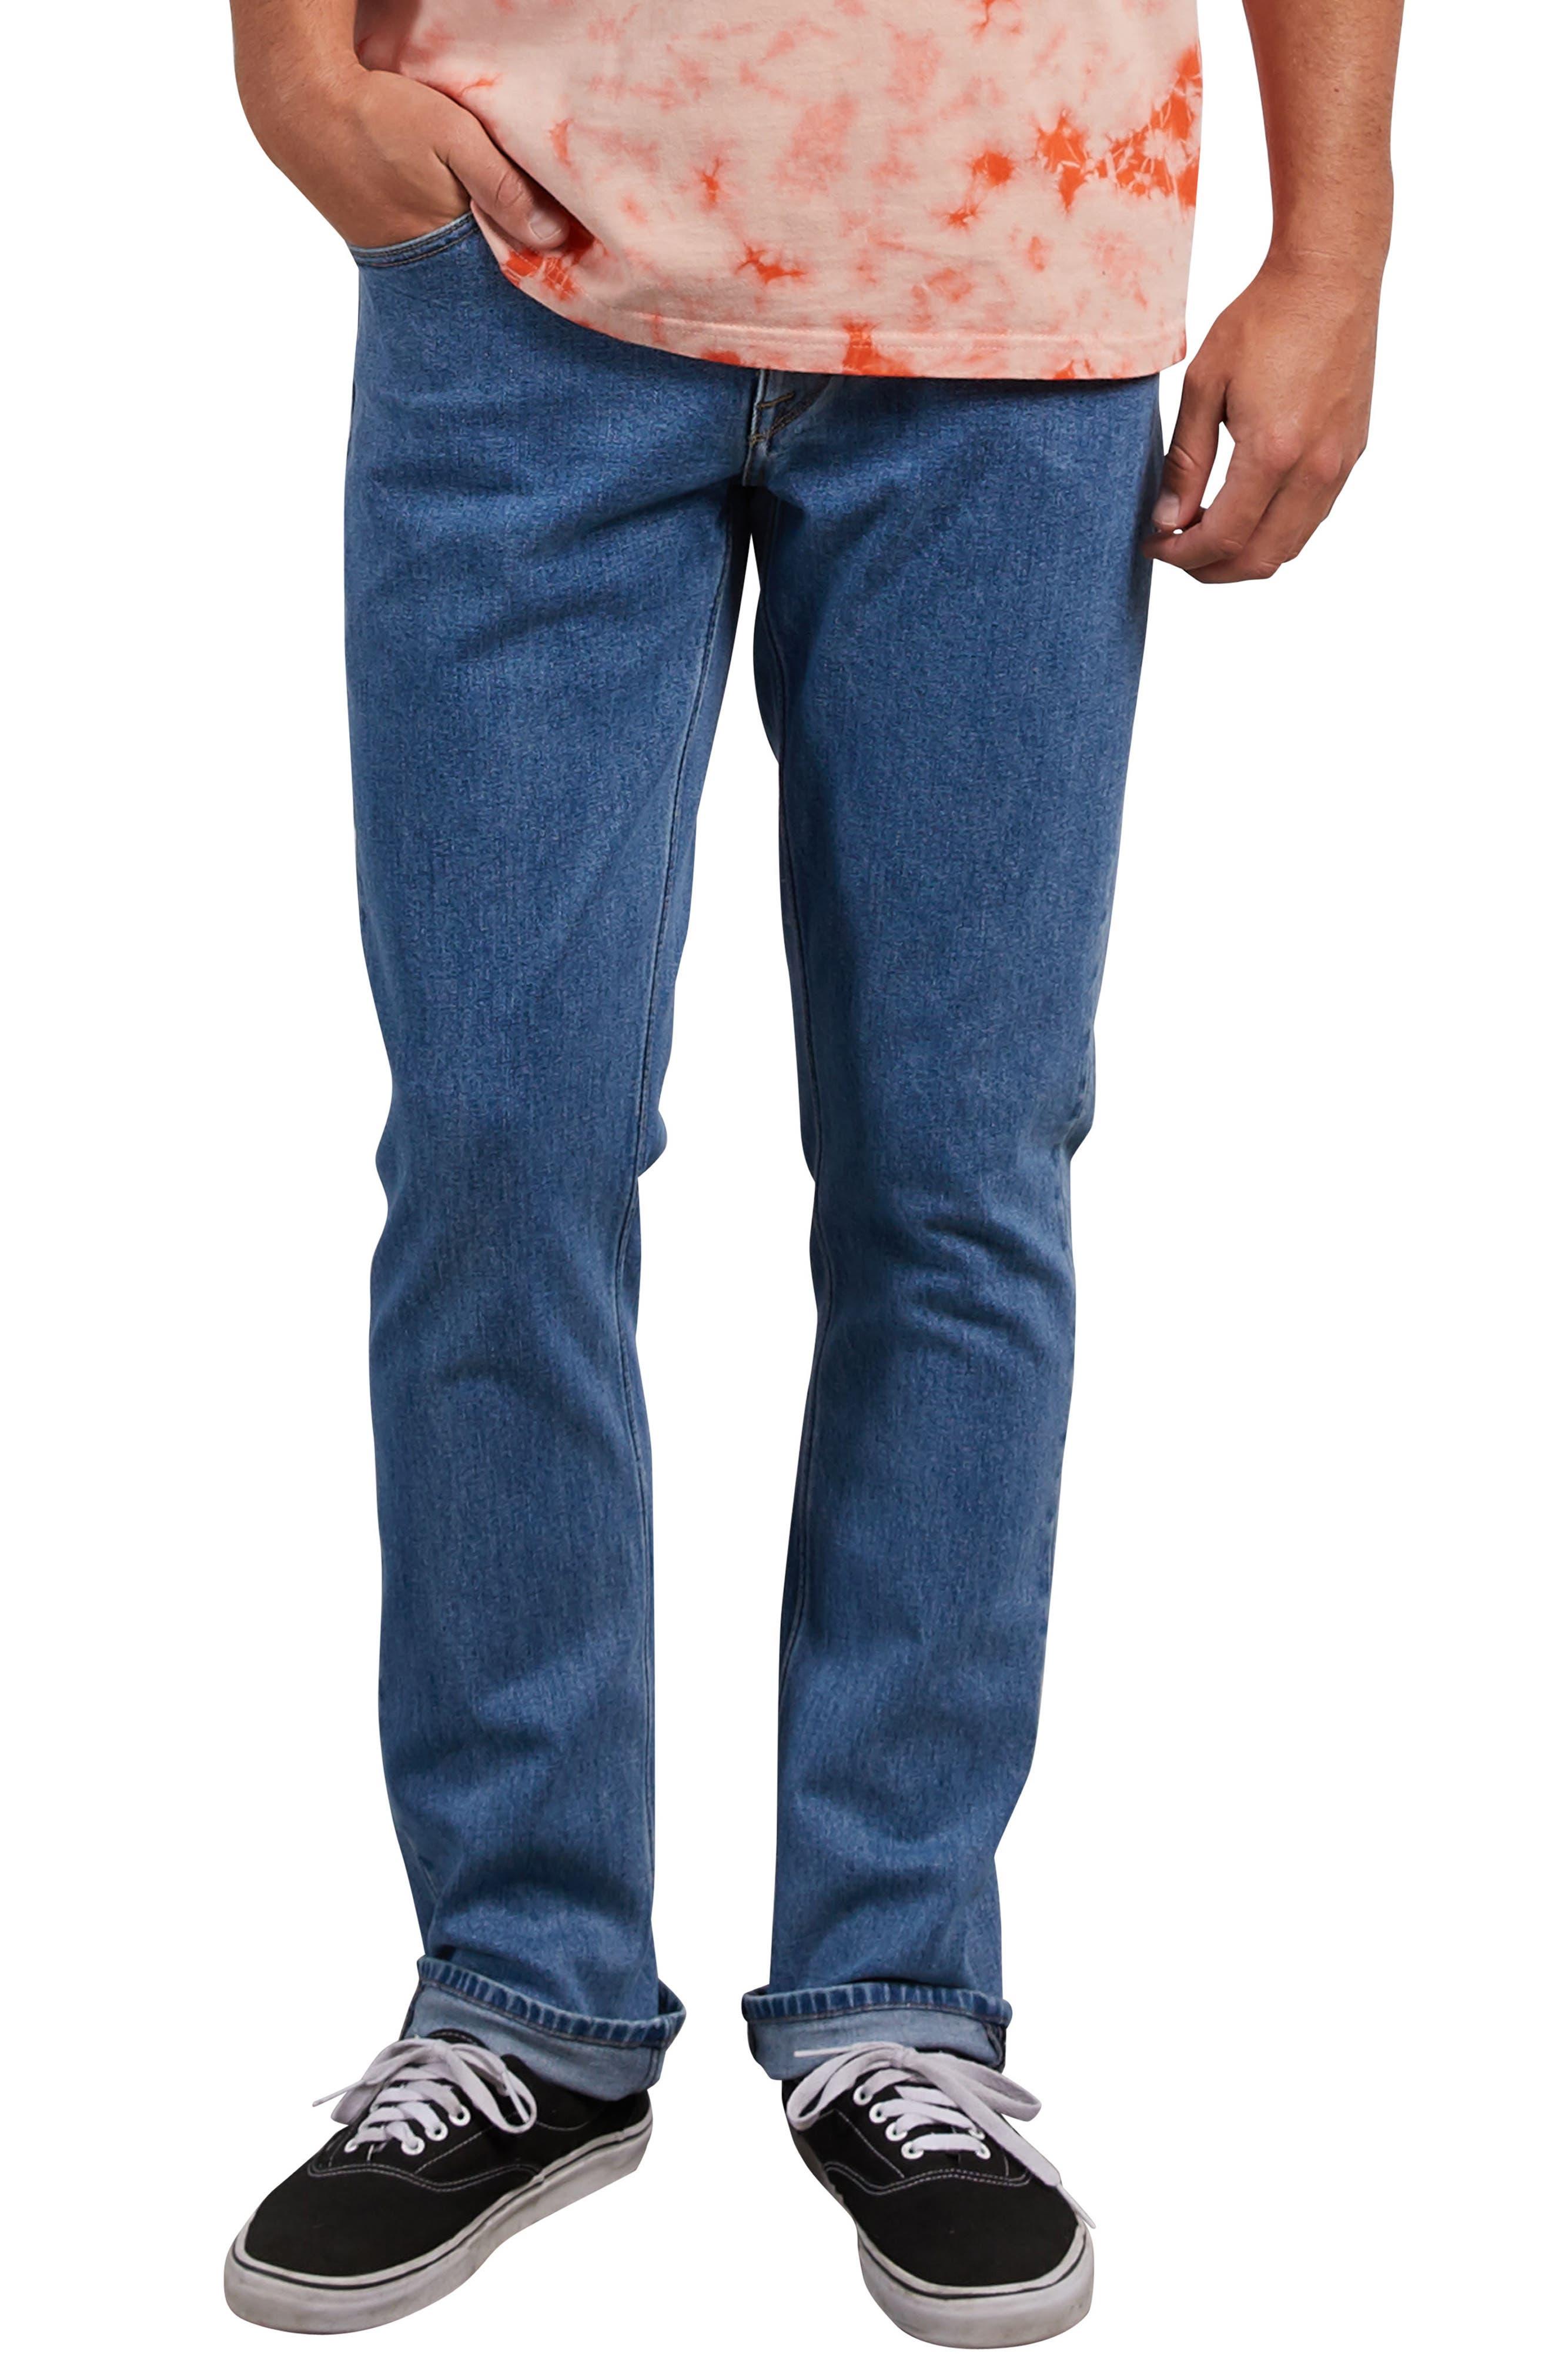 Vorta Slim Fit Jeans,                             Main thumbnail 1, color,                             STONE BLUE